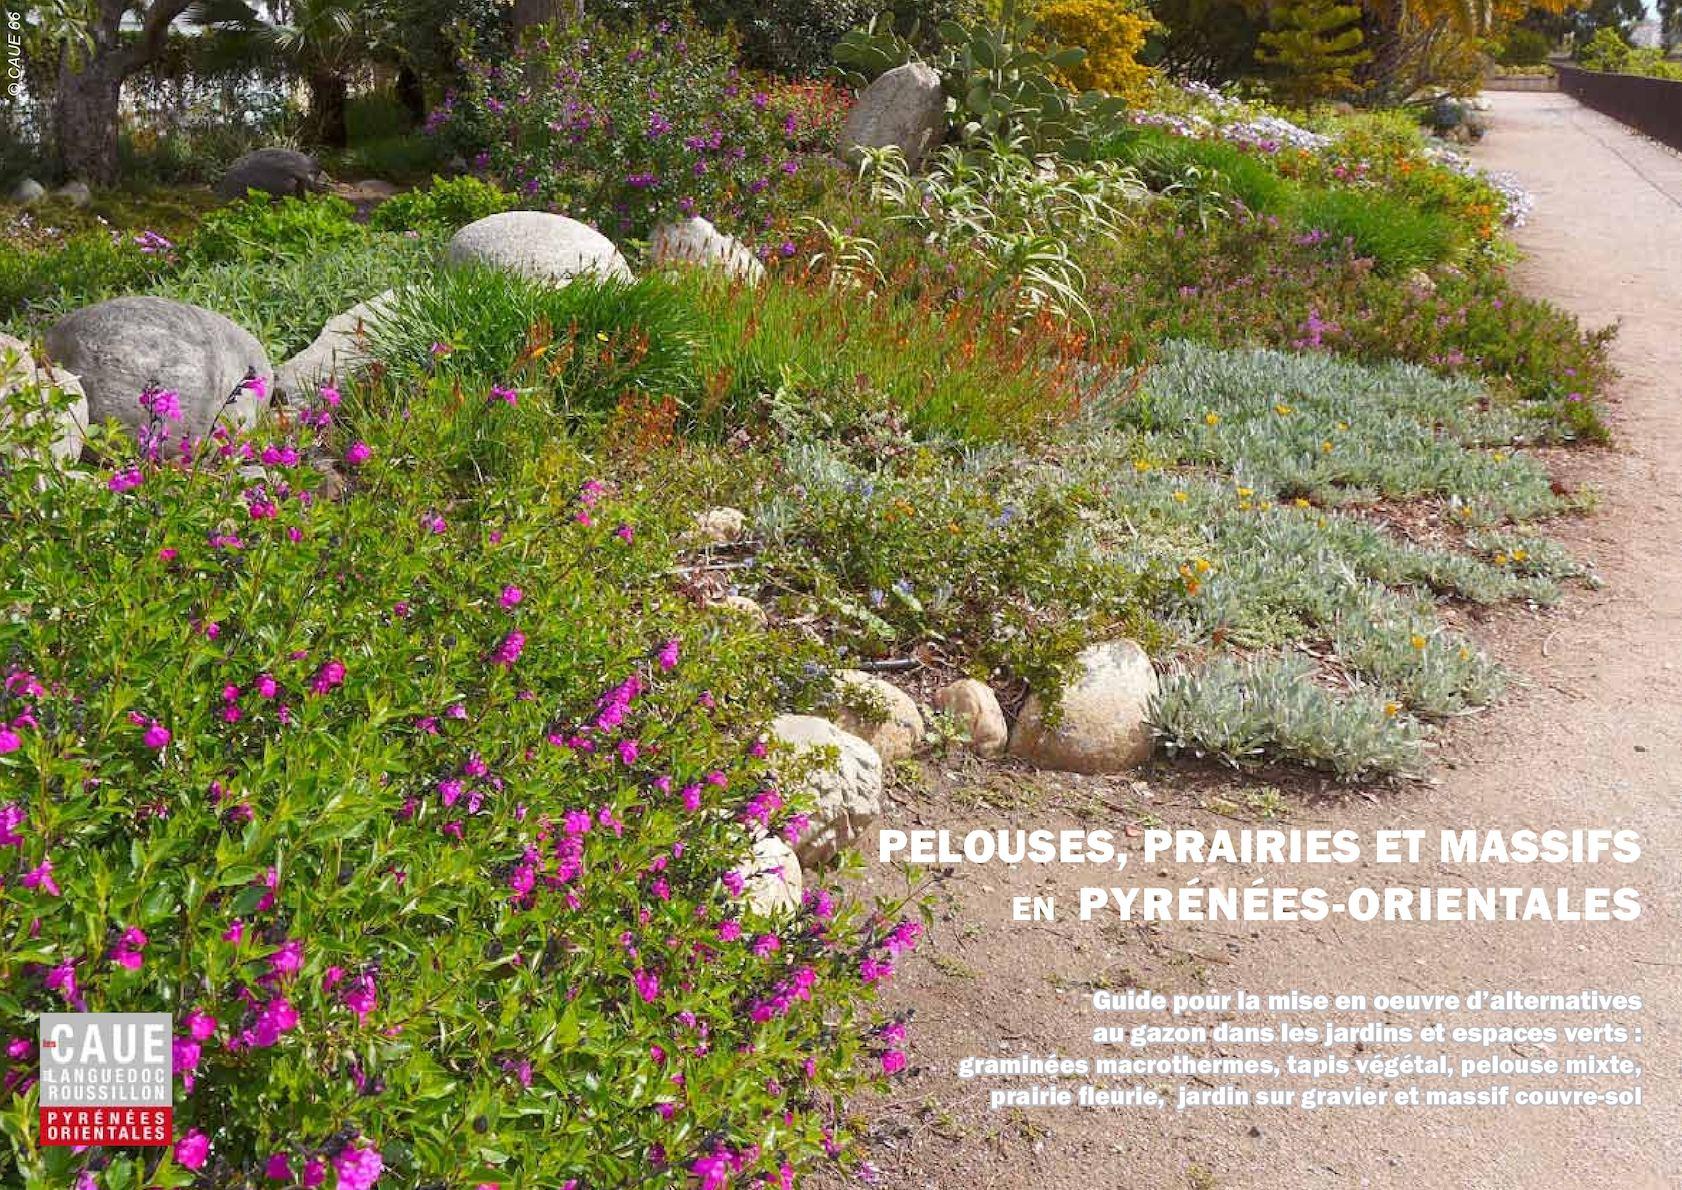 Plantes Pour Talus Sec calaméo - guide pour la mise en oeuvre d'alternatives au